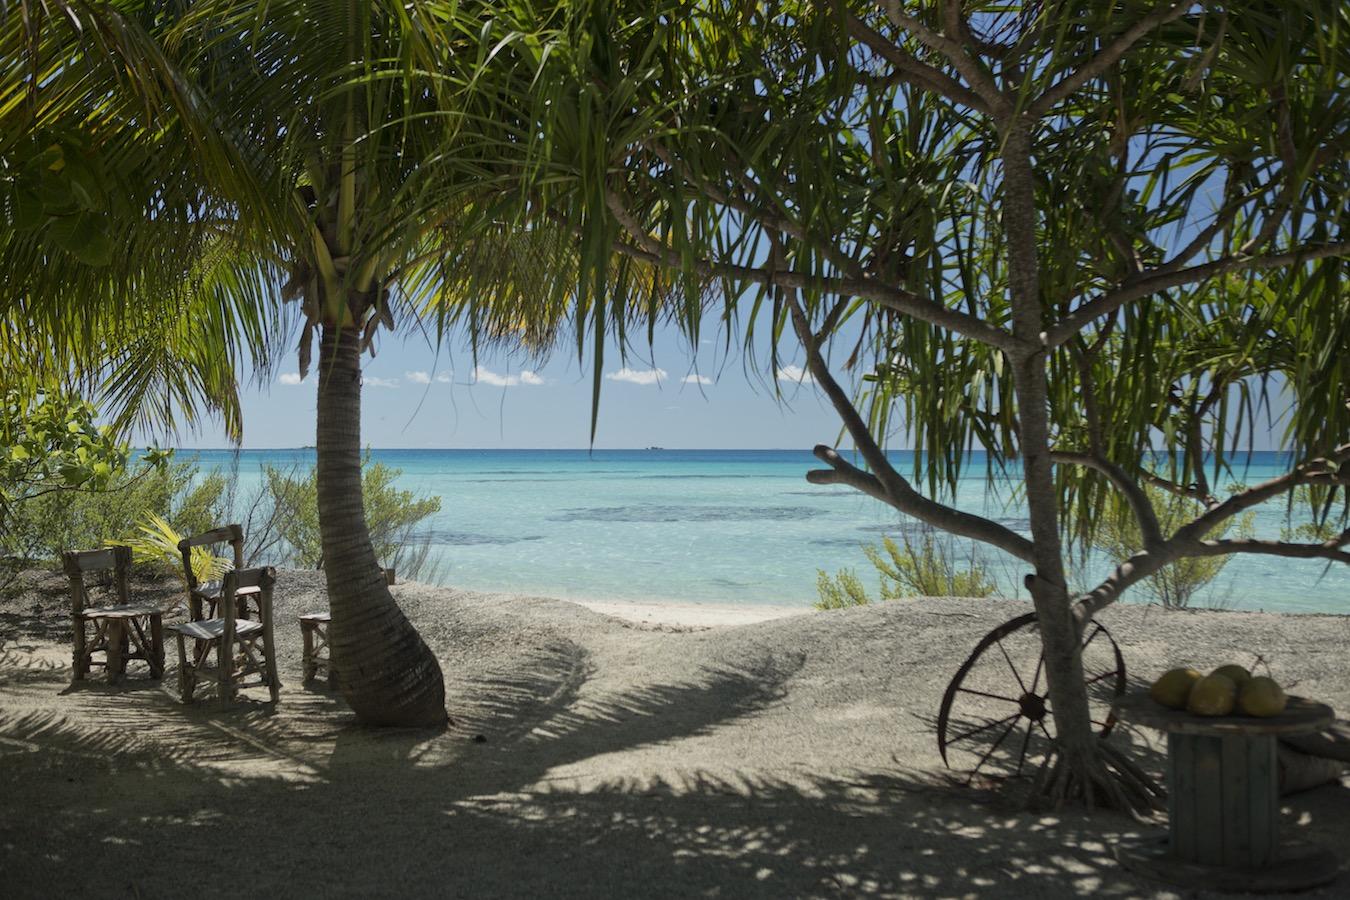 tahiti ferien urlaub tierwelt pflanzenwelt temperaturen wassertemperaturen meer sandstrand reise